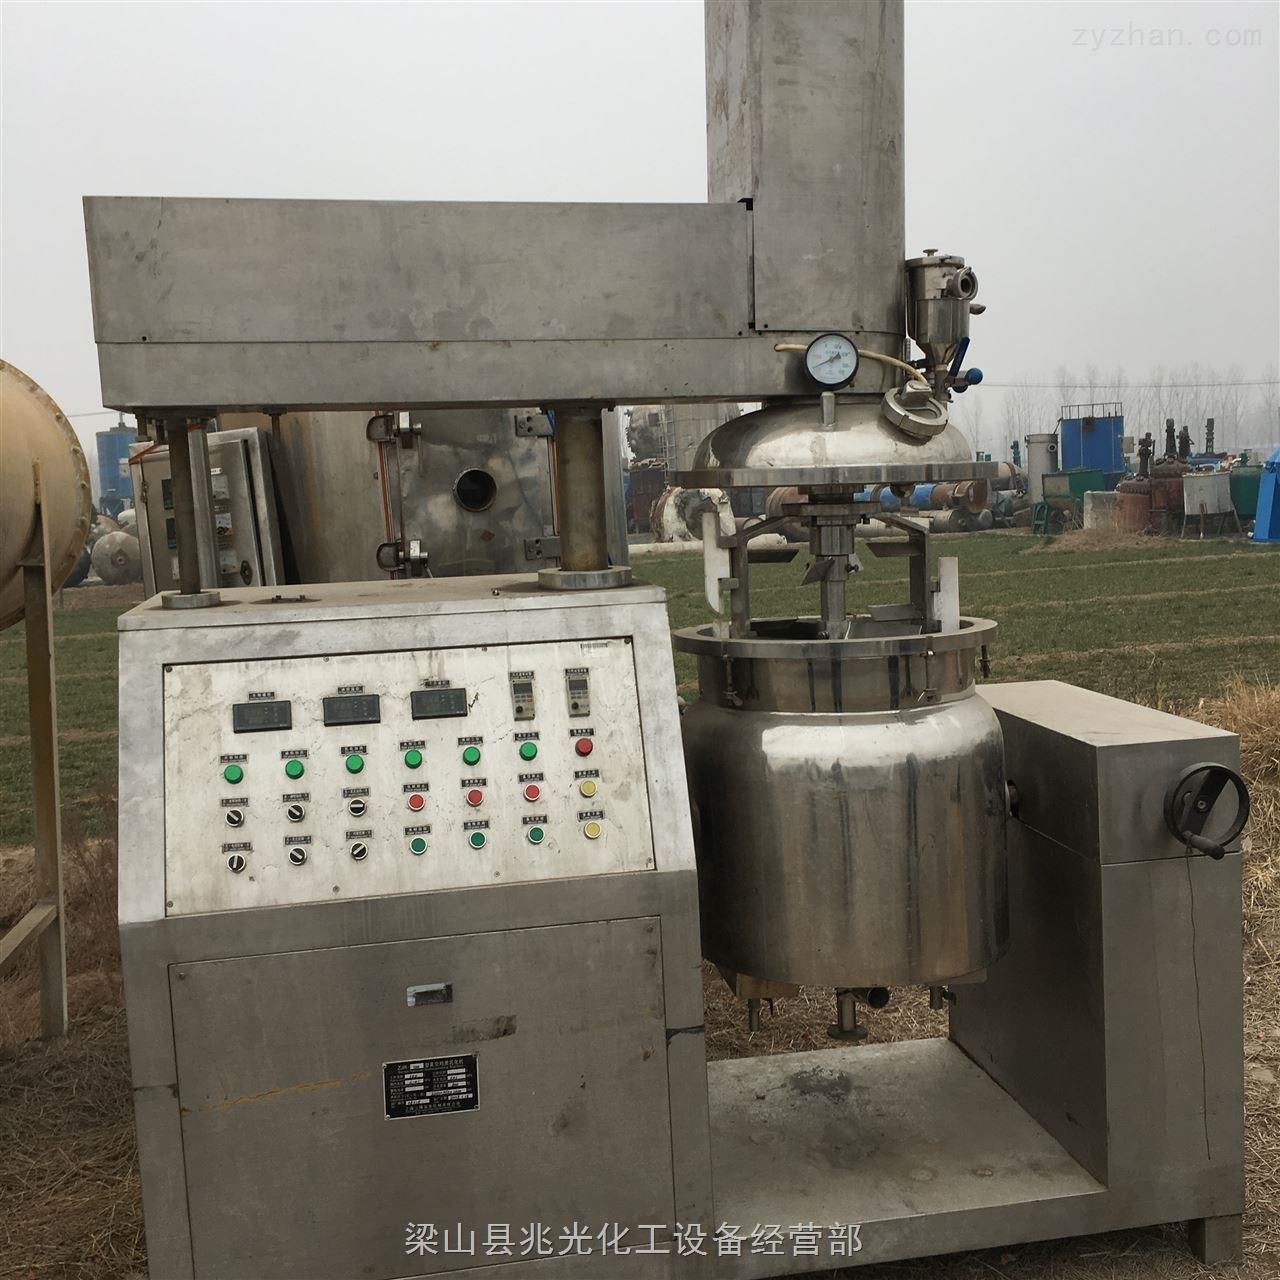 转让二手100L电加热真空均质升降式乳化机